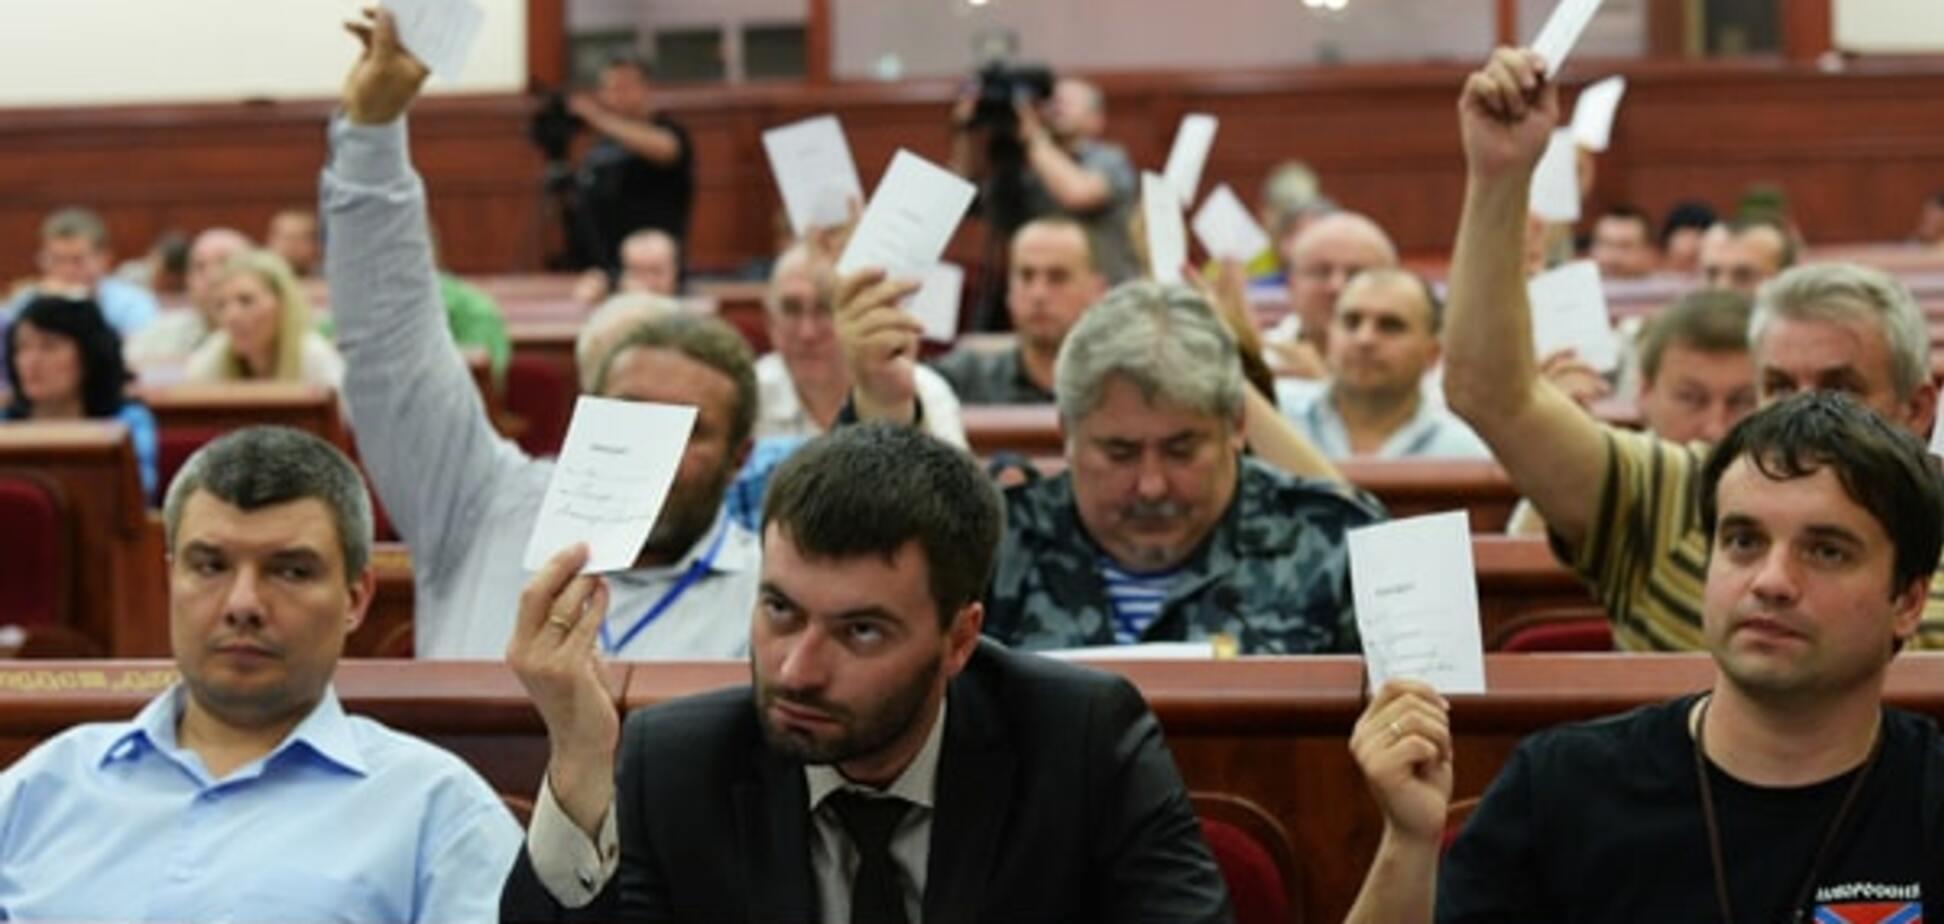 У 'ДНР' хочуть 'конституціонально' заборонити українську мову